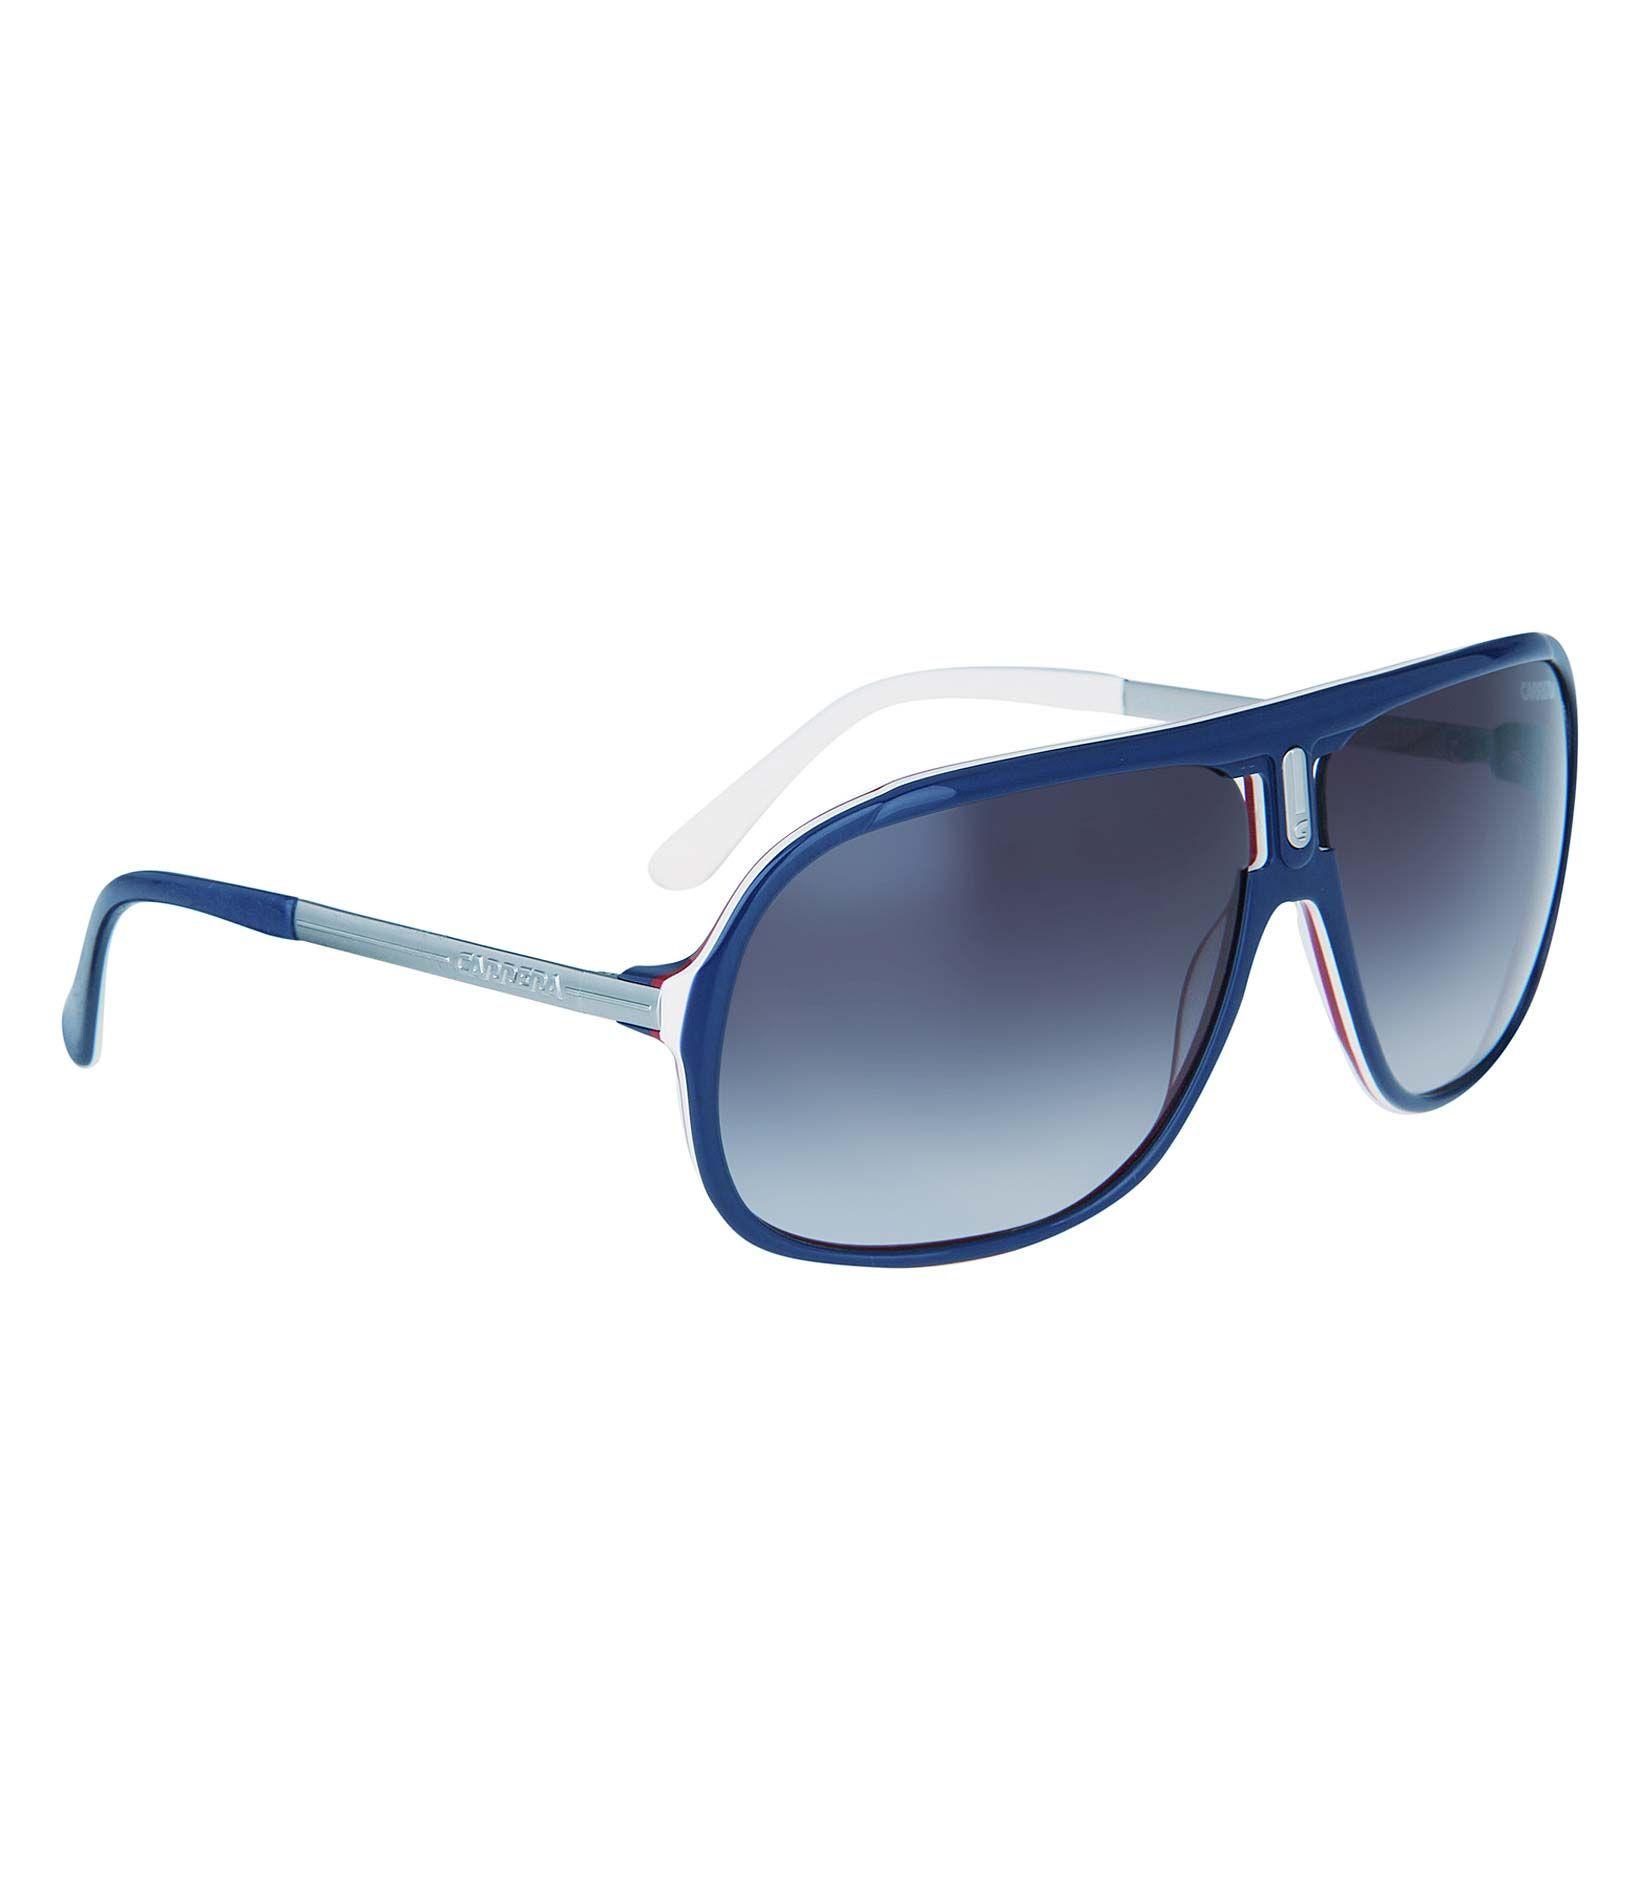 ÓCULOS CARRERA MASCULINO QUADRADO   Sunglasses   Pinterest   Óculos ... b653796854